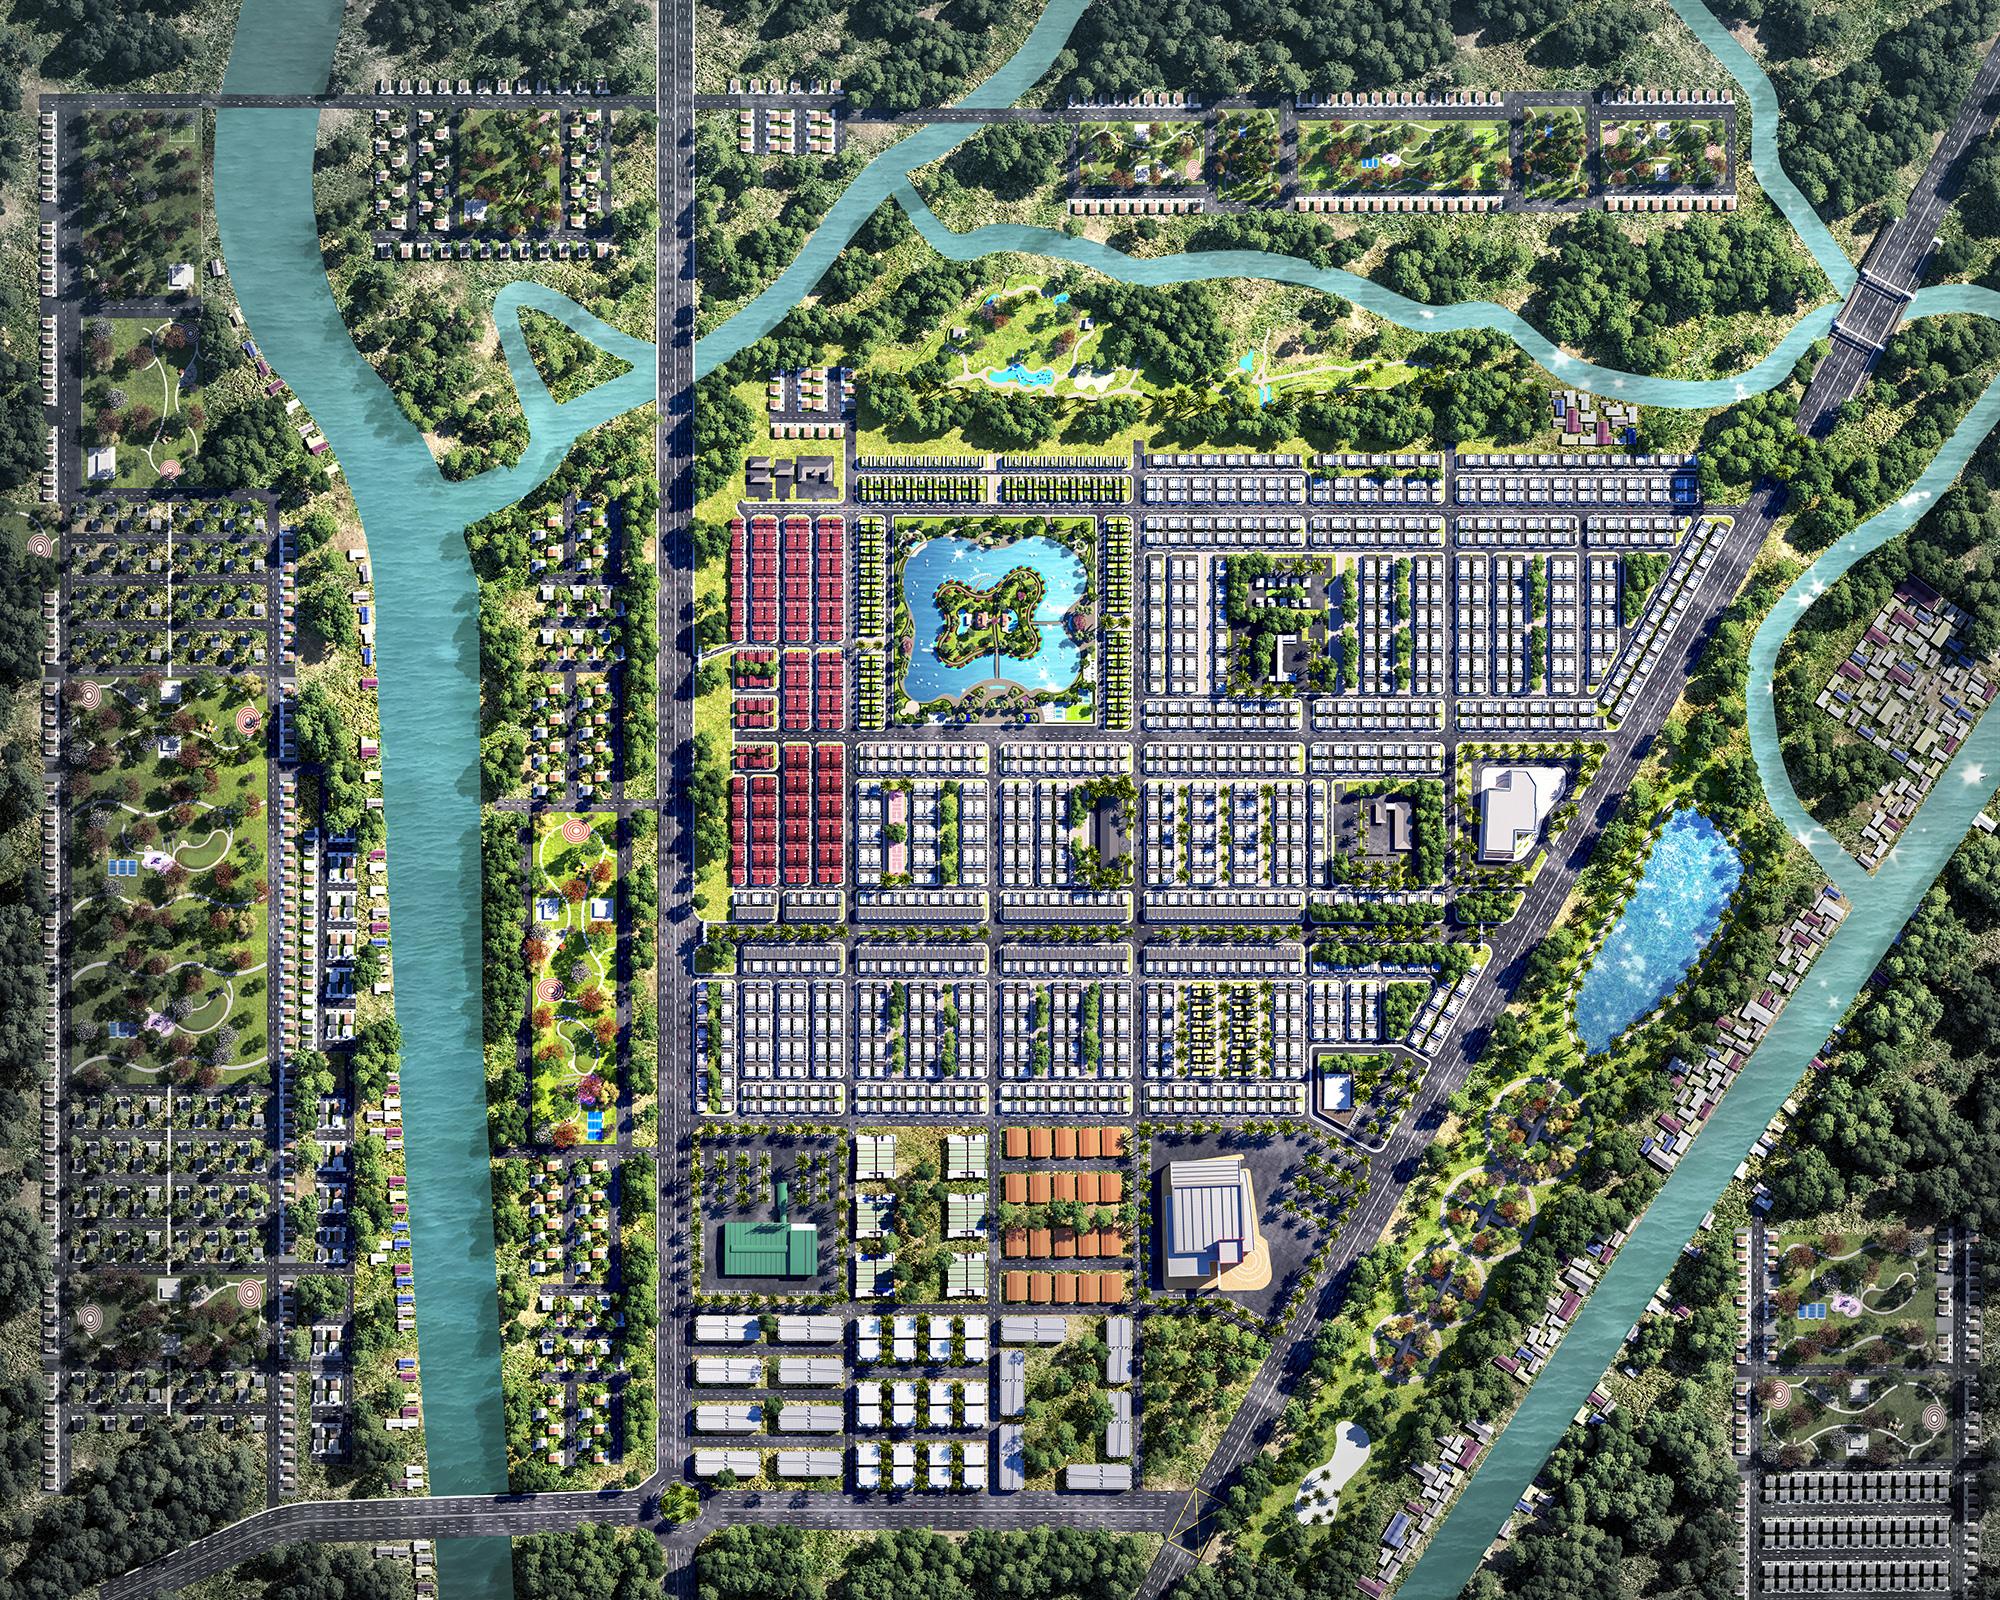 Lợi thế nào giúp Cà Mau là điểm sáng trên bản đồ đầu tư bất động sản? - Ảnh 2.